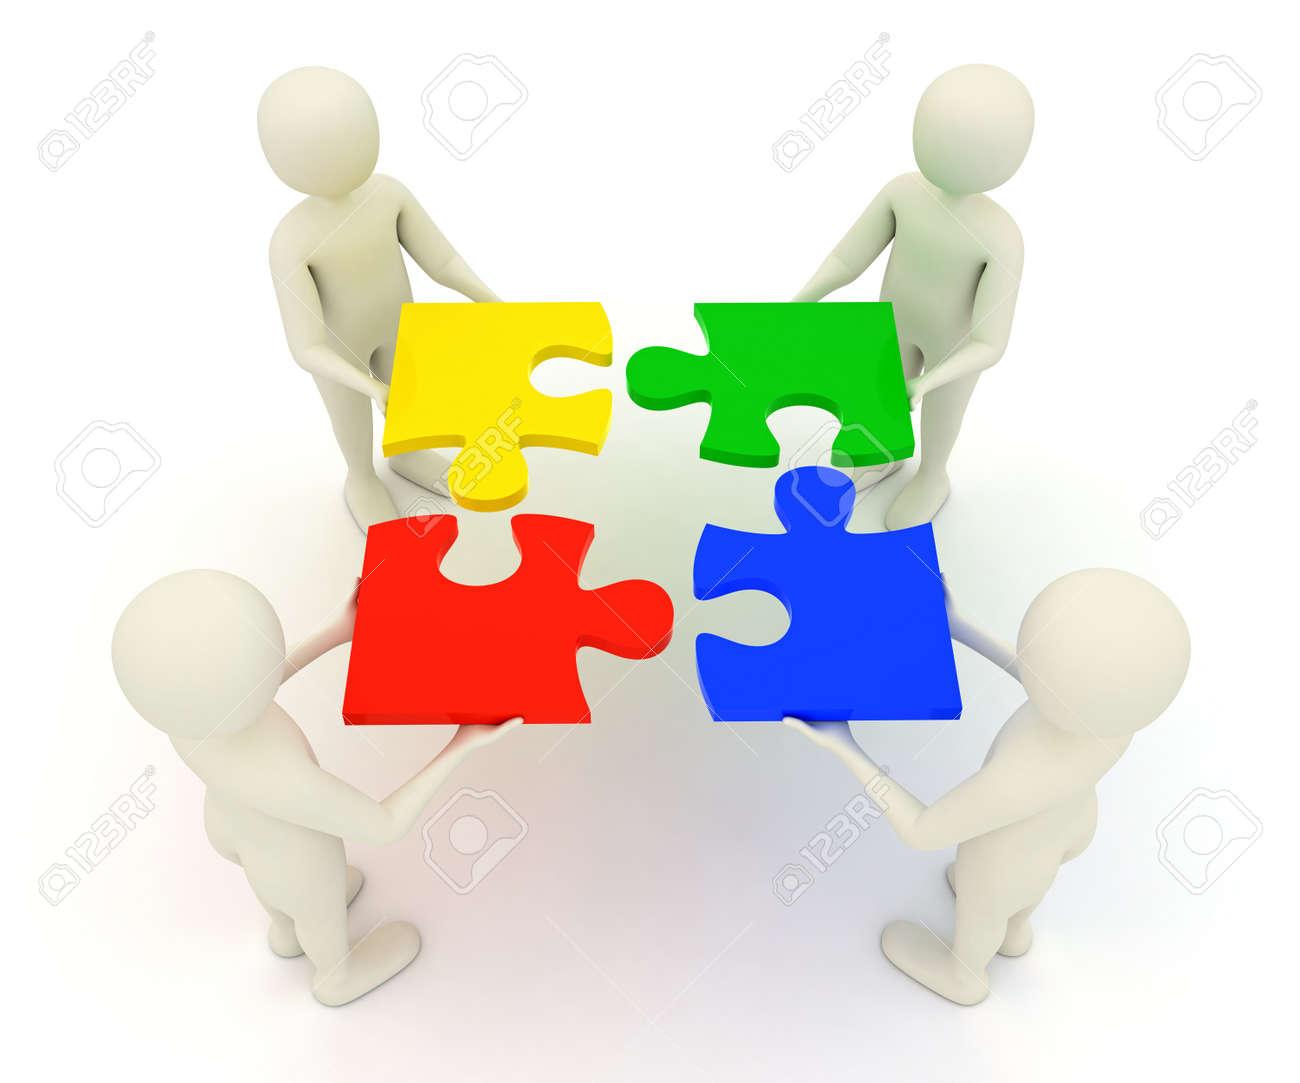 Four 3d Men Assembling Colorful Assembled Jigsaw Puzzle Pieces Stock Photo